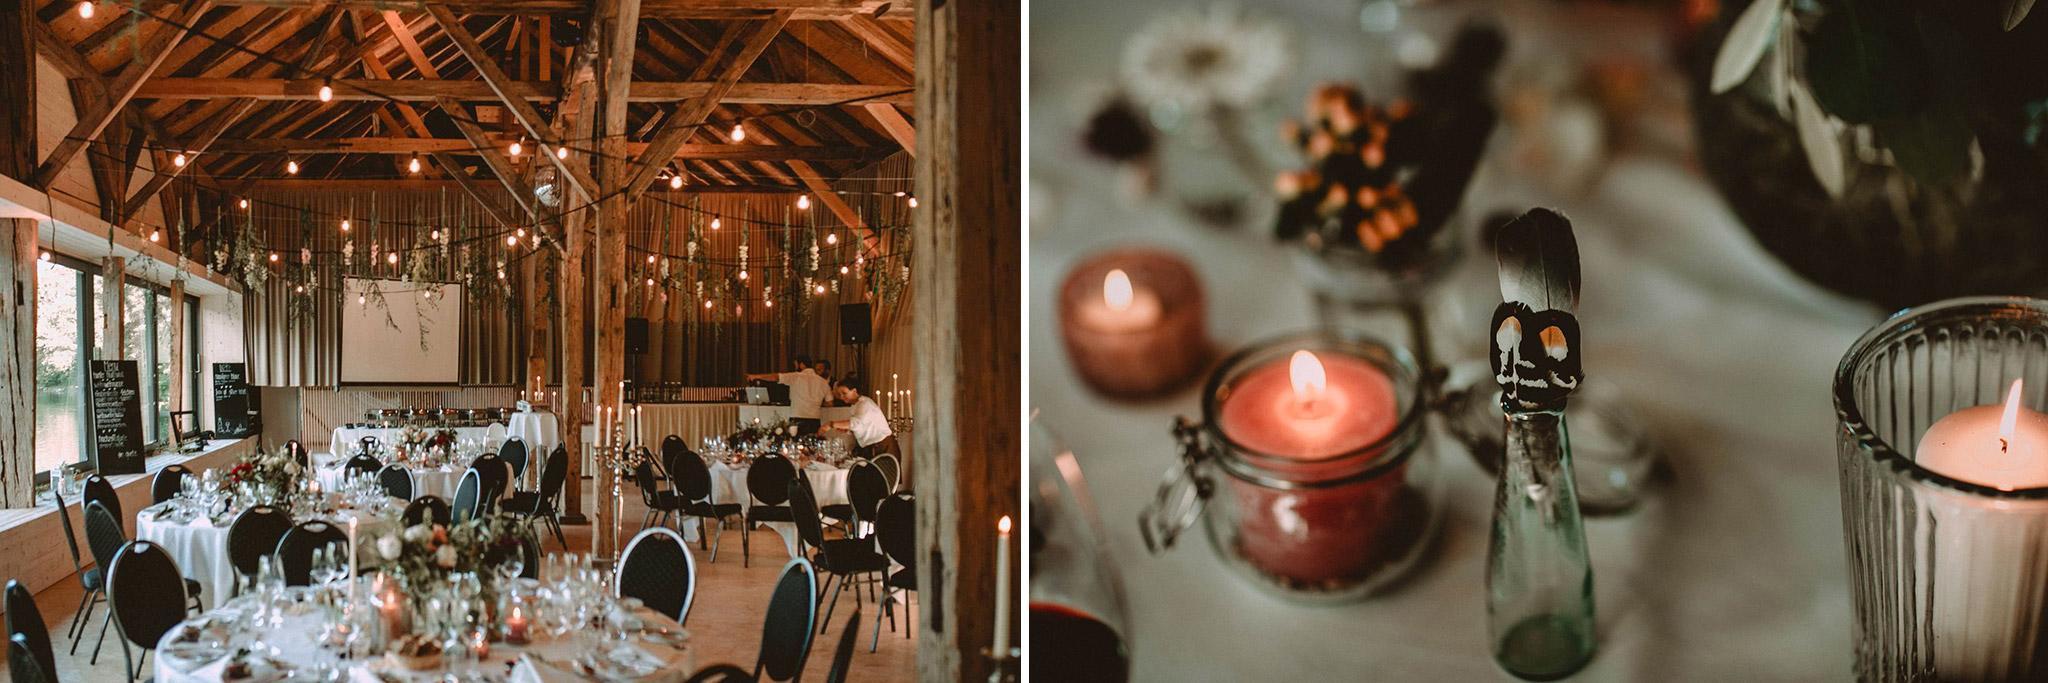 Hochzeit_in_Gasthaus_Shupfen_002